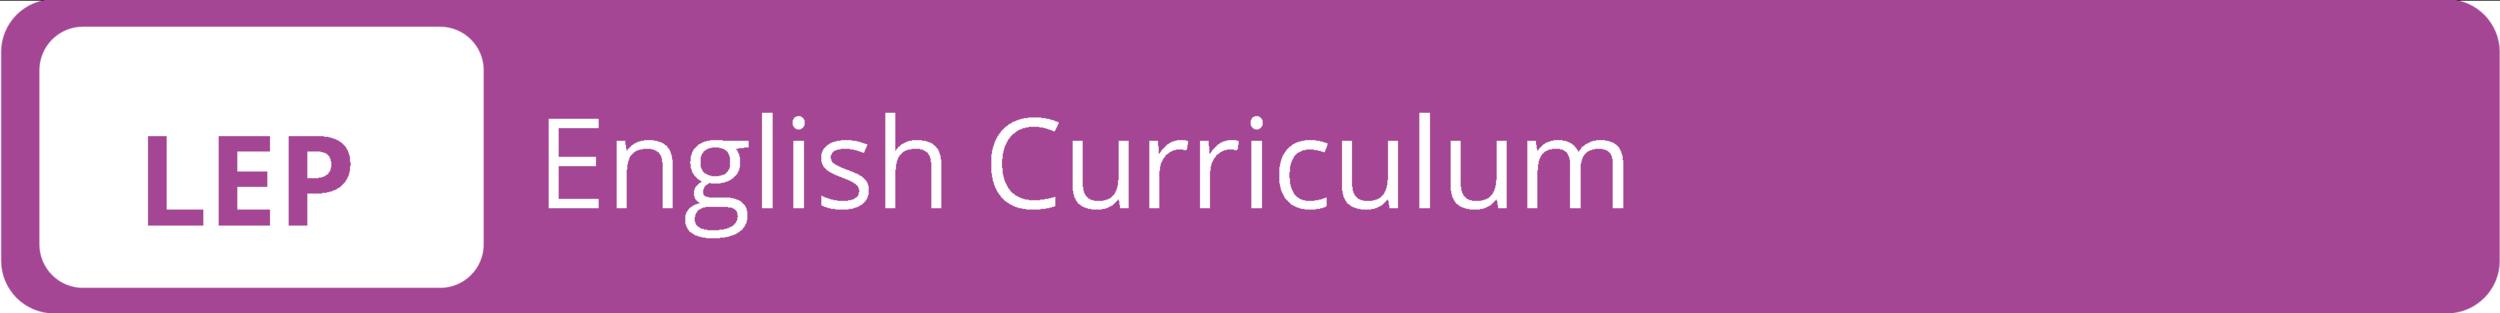 LEP_EnglishCurriculum.jpg